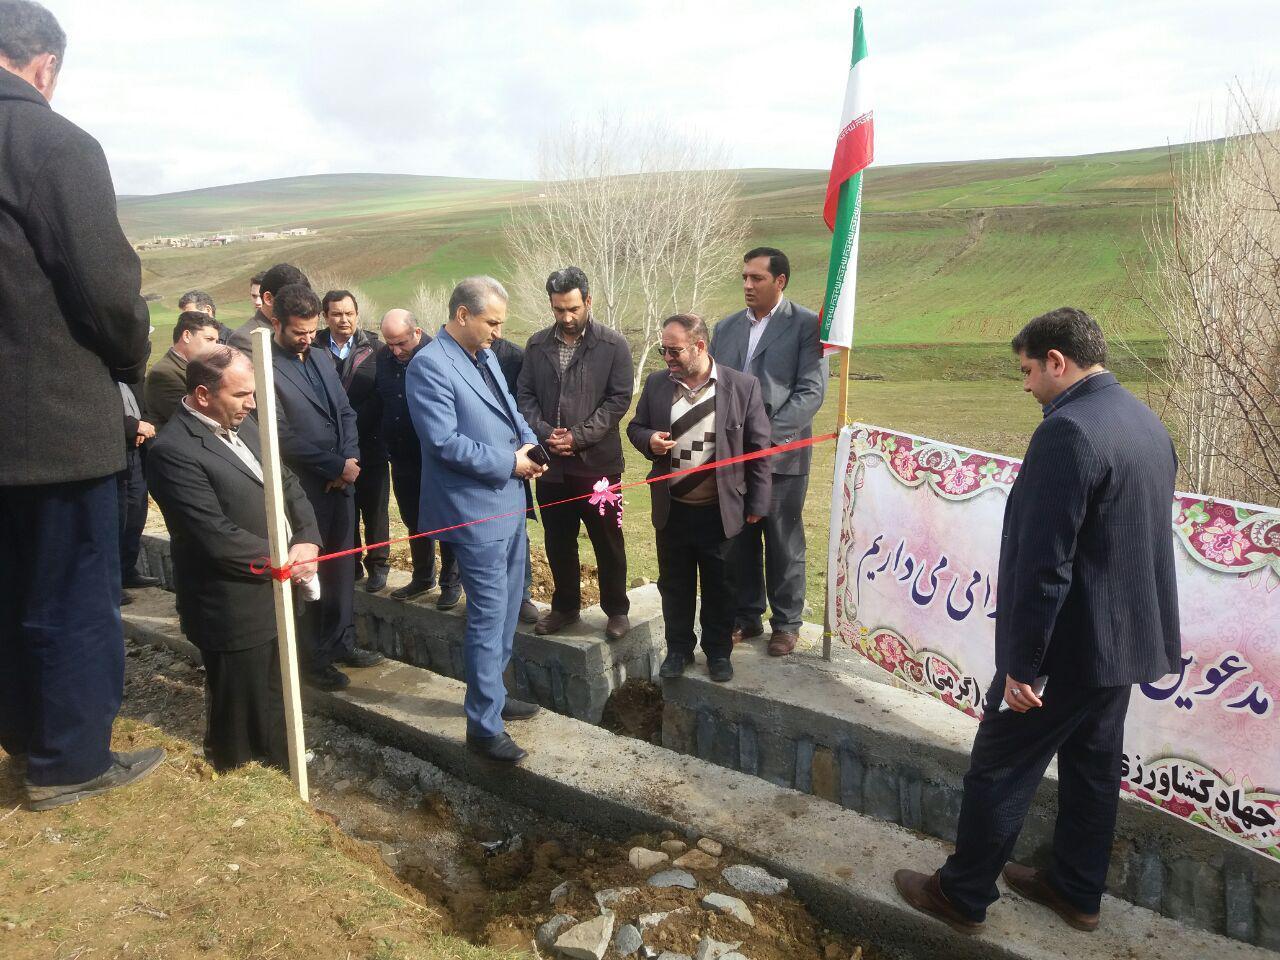 افتتاح فاز اول کانال آبیاری روستای سیدکندی از توابع بخش مرکزی شهرستان گرمی